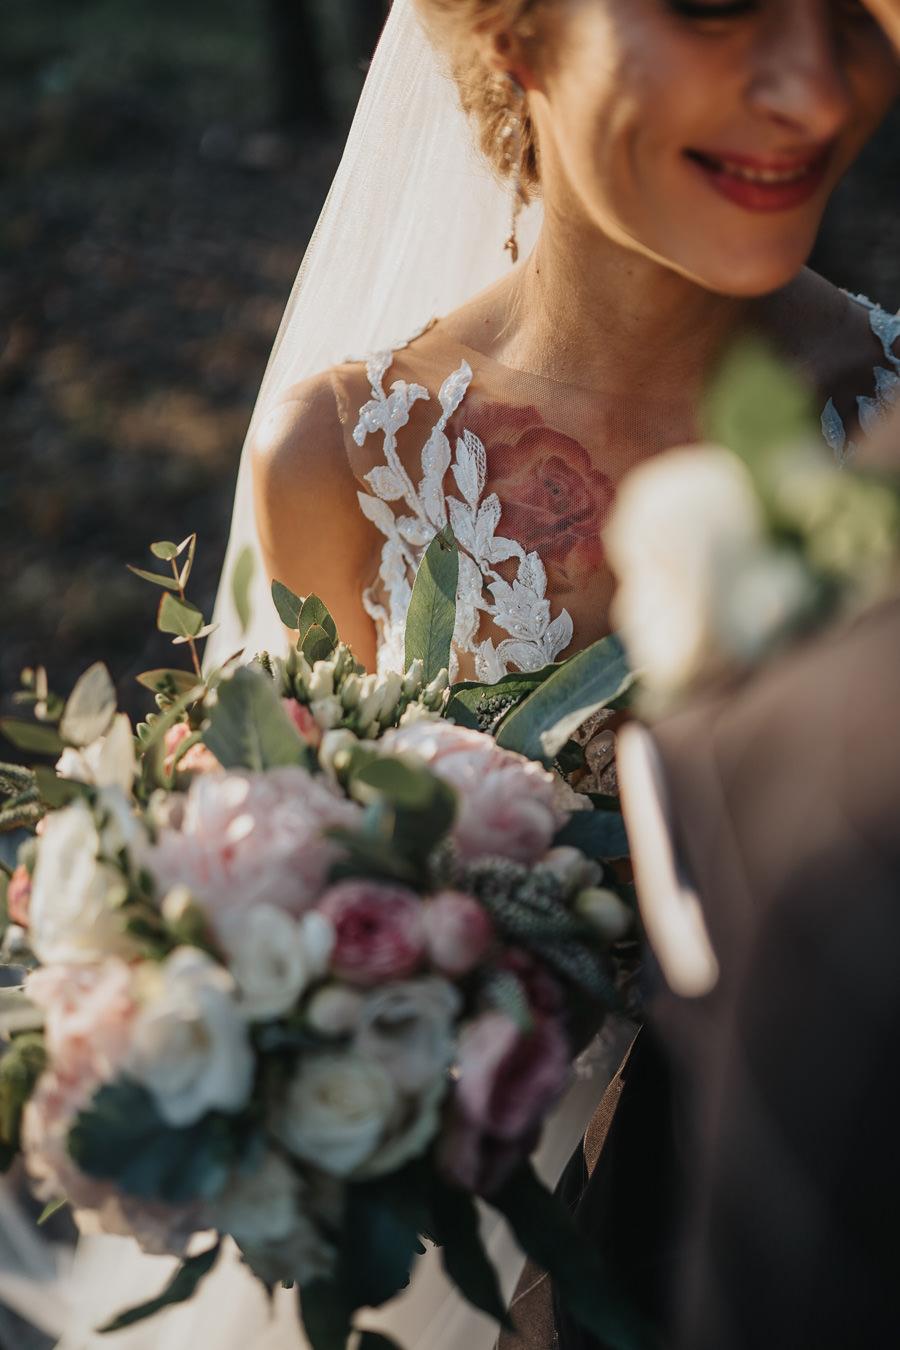 wesele-zalecze-male-fotograf-slubny-wielun-wilczkiewicz-900px-00113 114